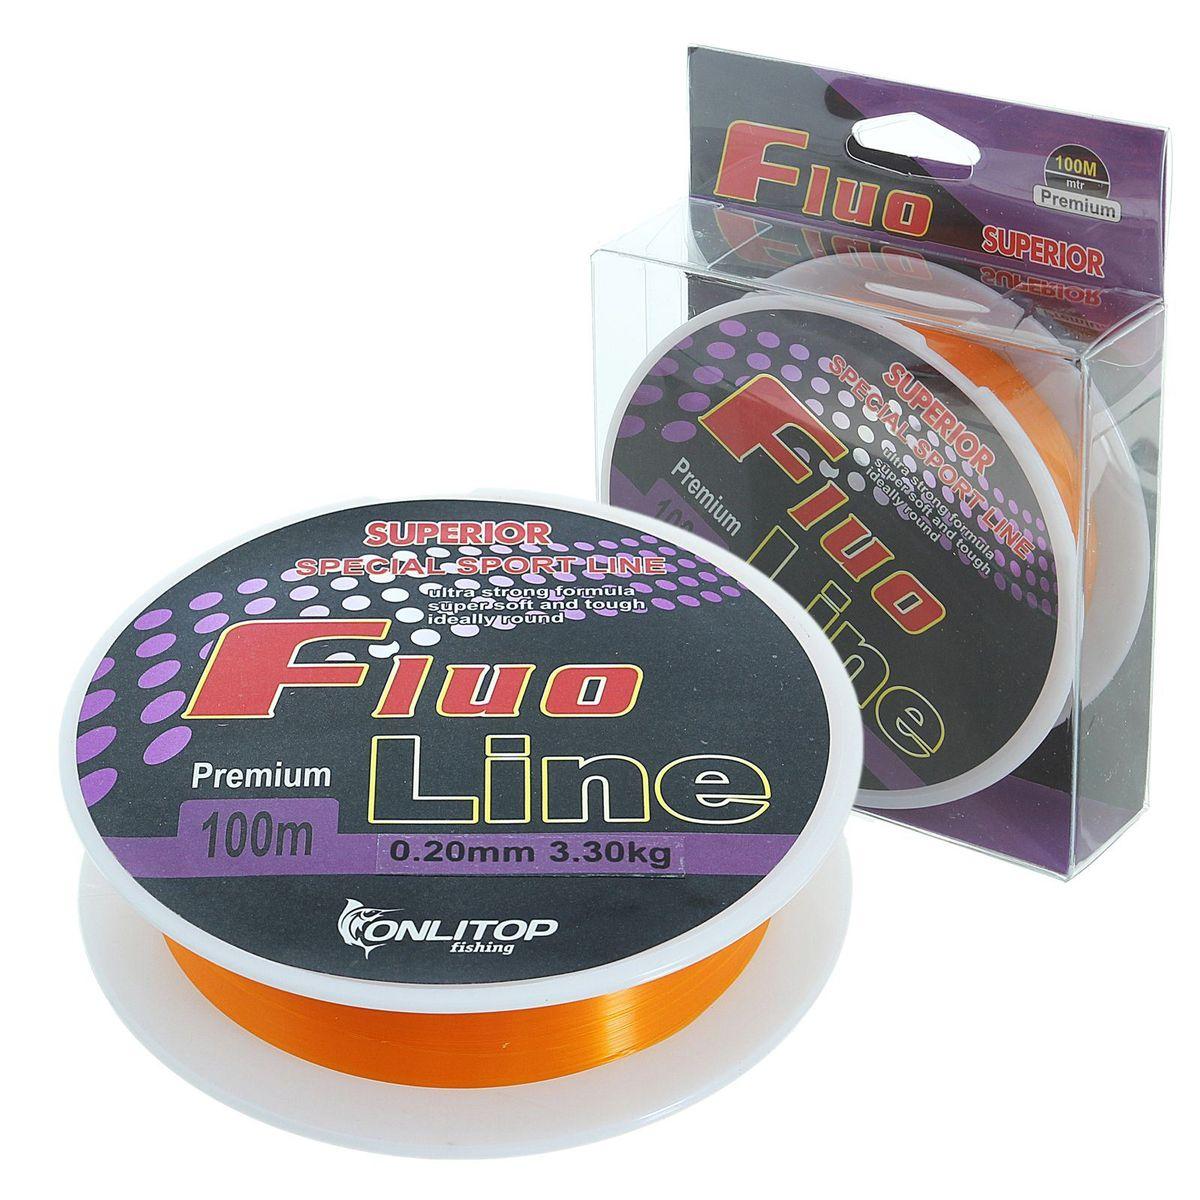 Леска Onlitop Fluo Line, цвет: оранжевый, 100 м, 0,2 мм, 3,3 кг1232670Во время технологического процесса волокна сплетаются и специально разработанным способом сплавляются в единое целое. В ходе такой обработки леска становится прочнее, чем совокупность составляющих ее волокон. Таким образом получается оптимальный синтез монофильной и плетеной лески.